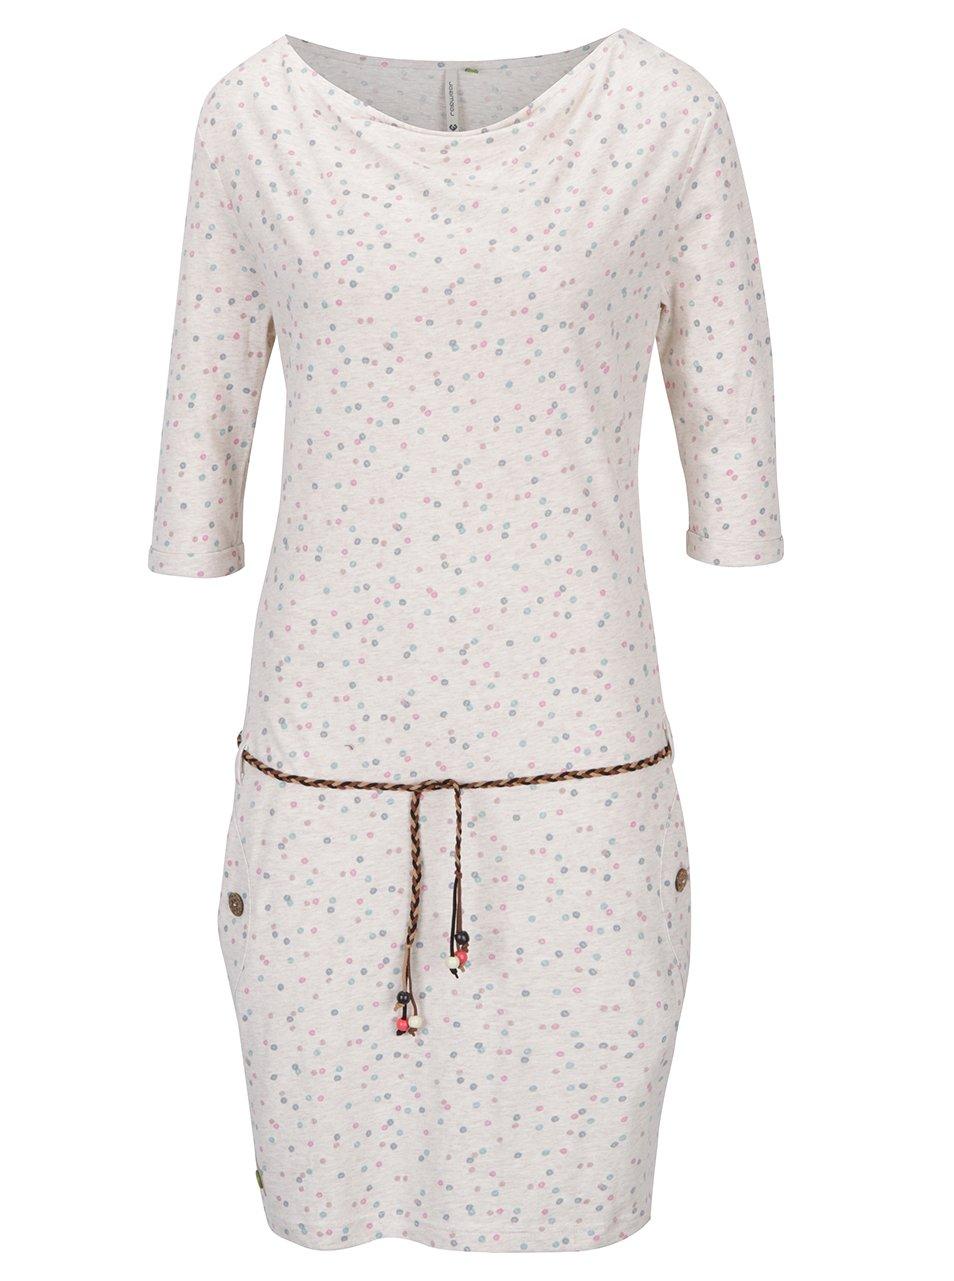 Béžové puntíkované šaty s 3/4 rukávem Ragwear Tanya Organic